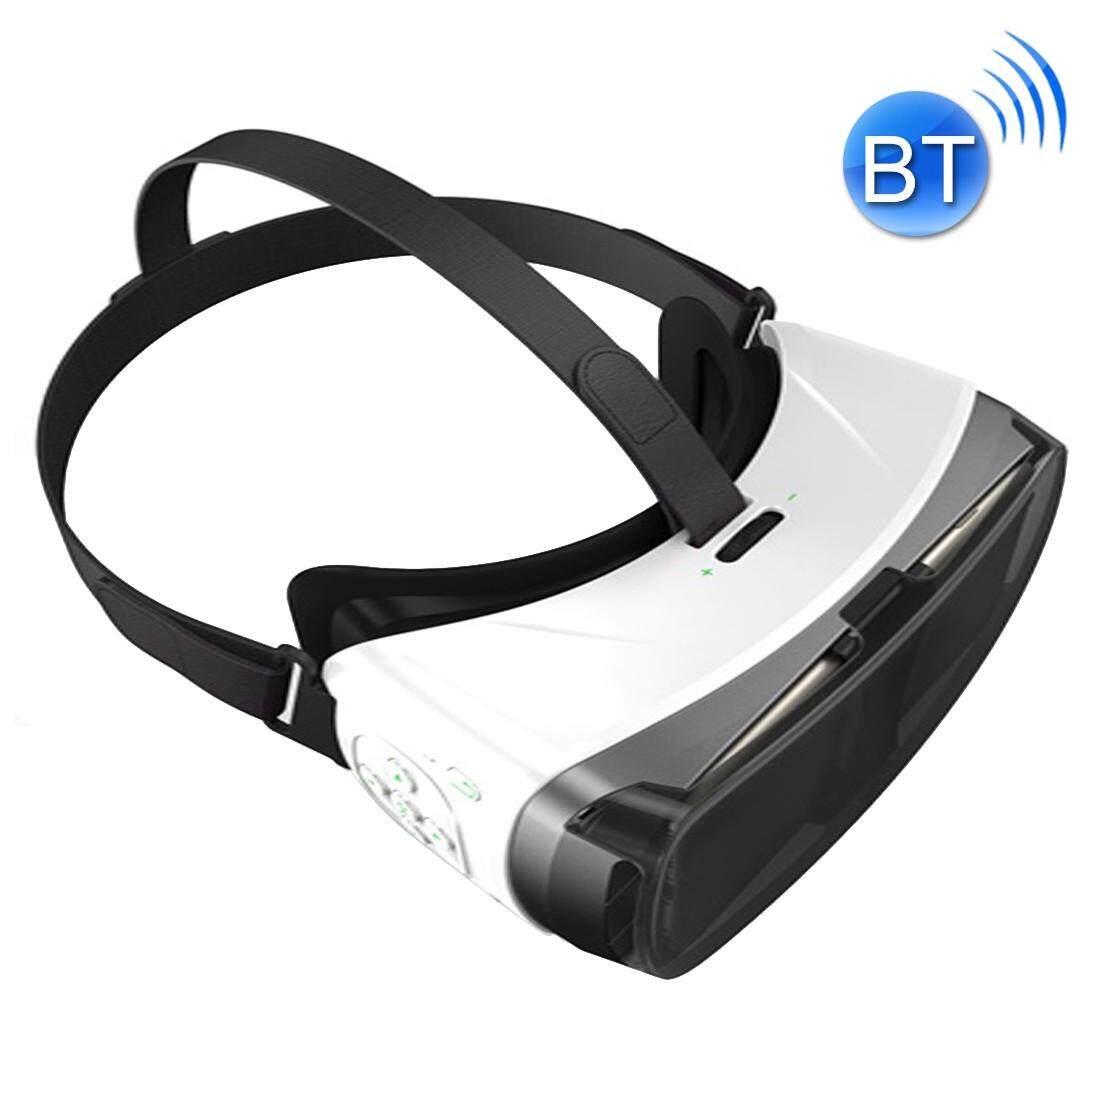 Mata Perjalanan 0626 Vr Virtual 3D Headset Kacamata untuk 3.5 Sampai 5.5 Inch Ponsel Pintar, Mendukung Bluetooth (Hitam) -Internasional